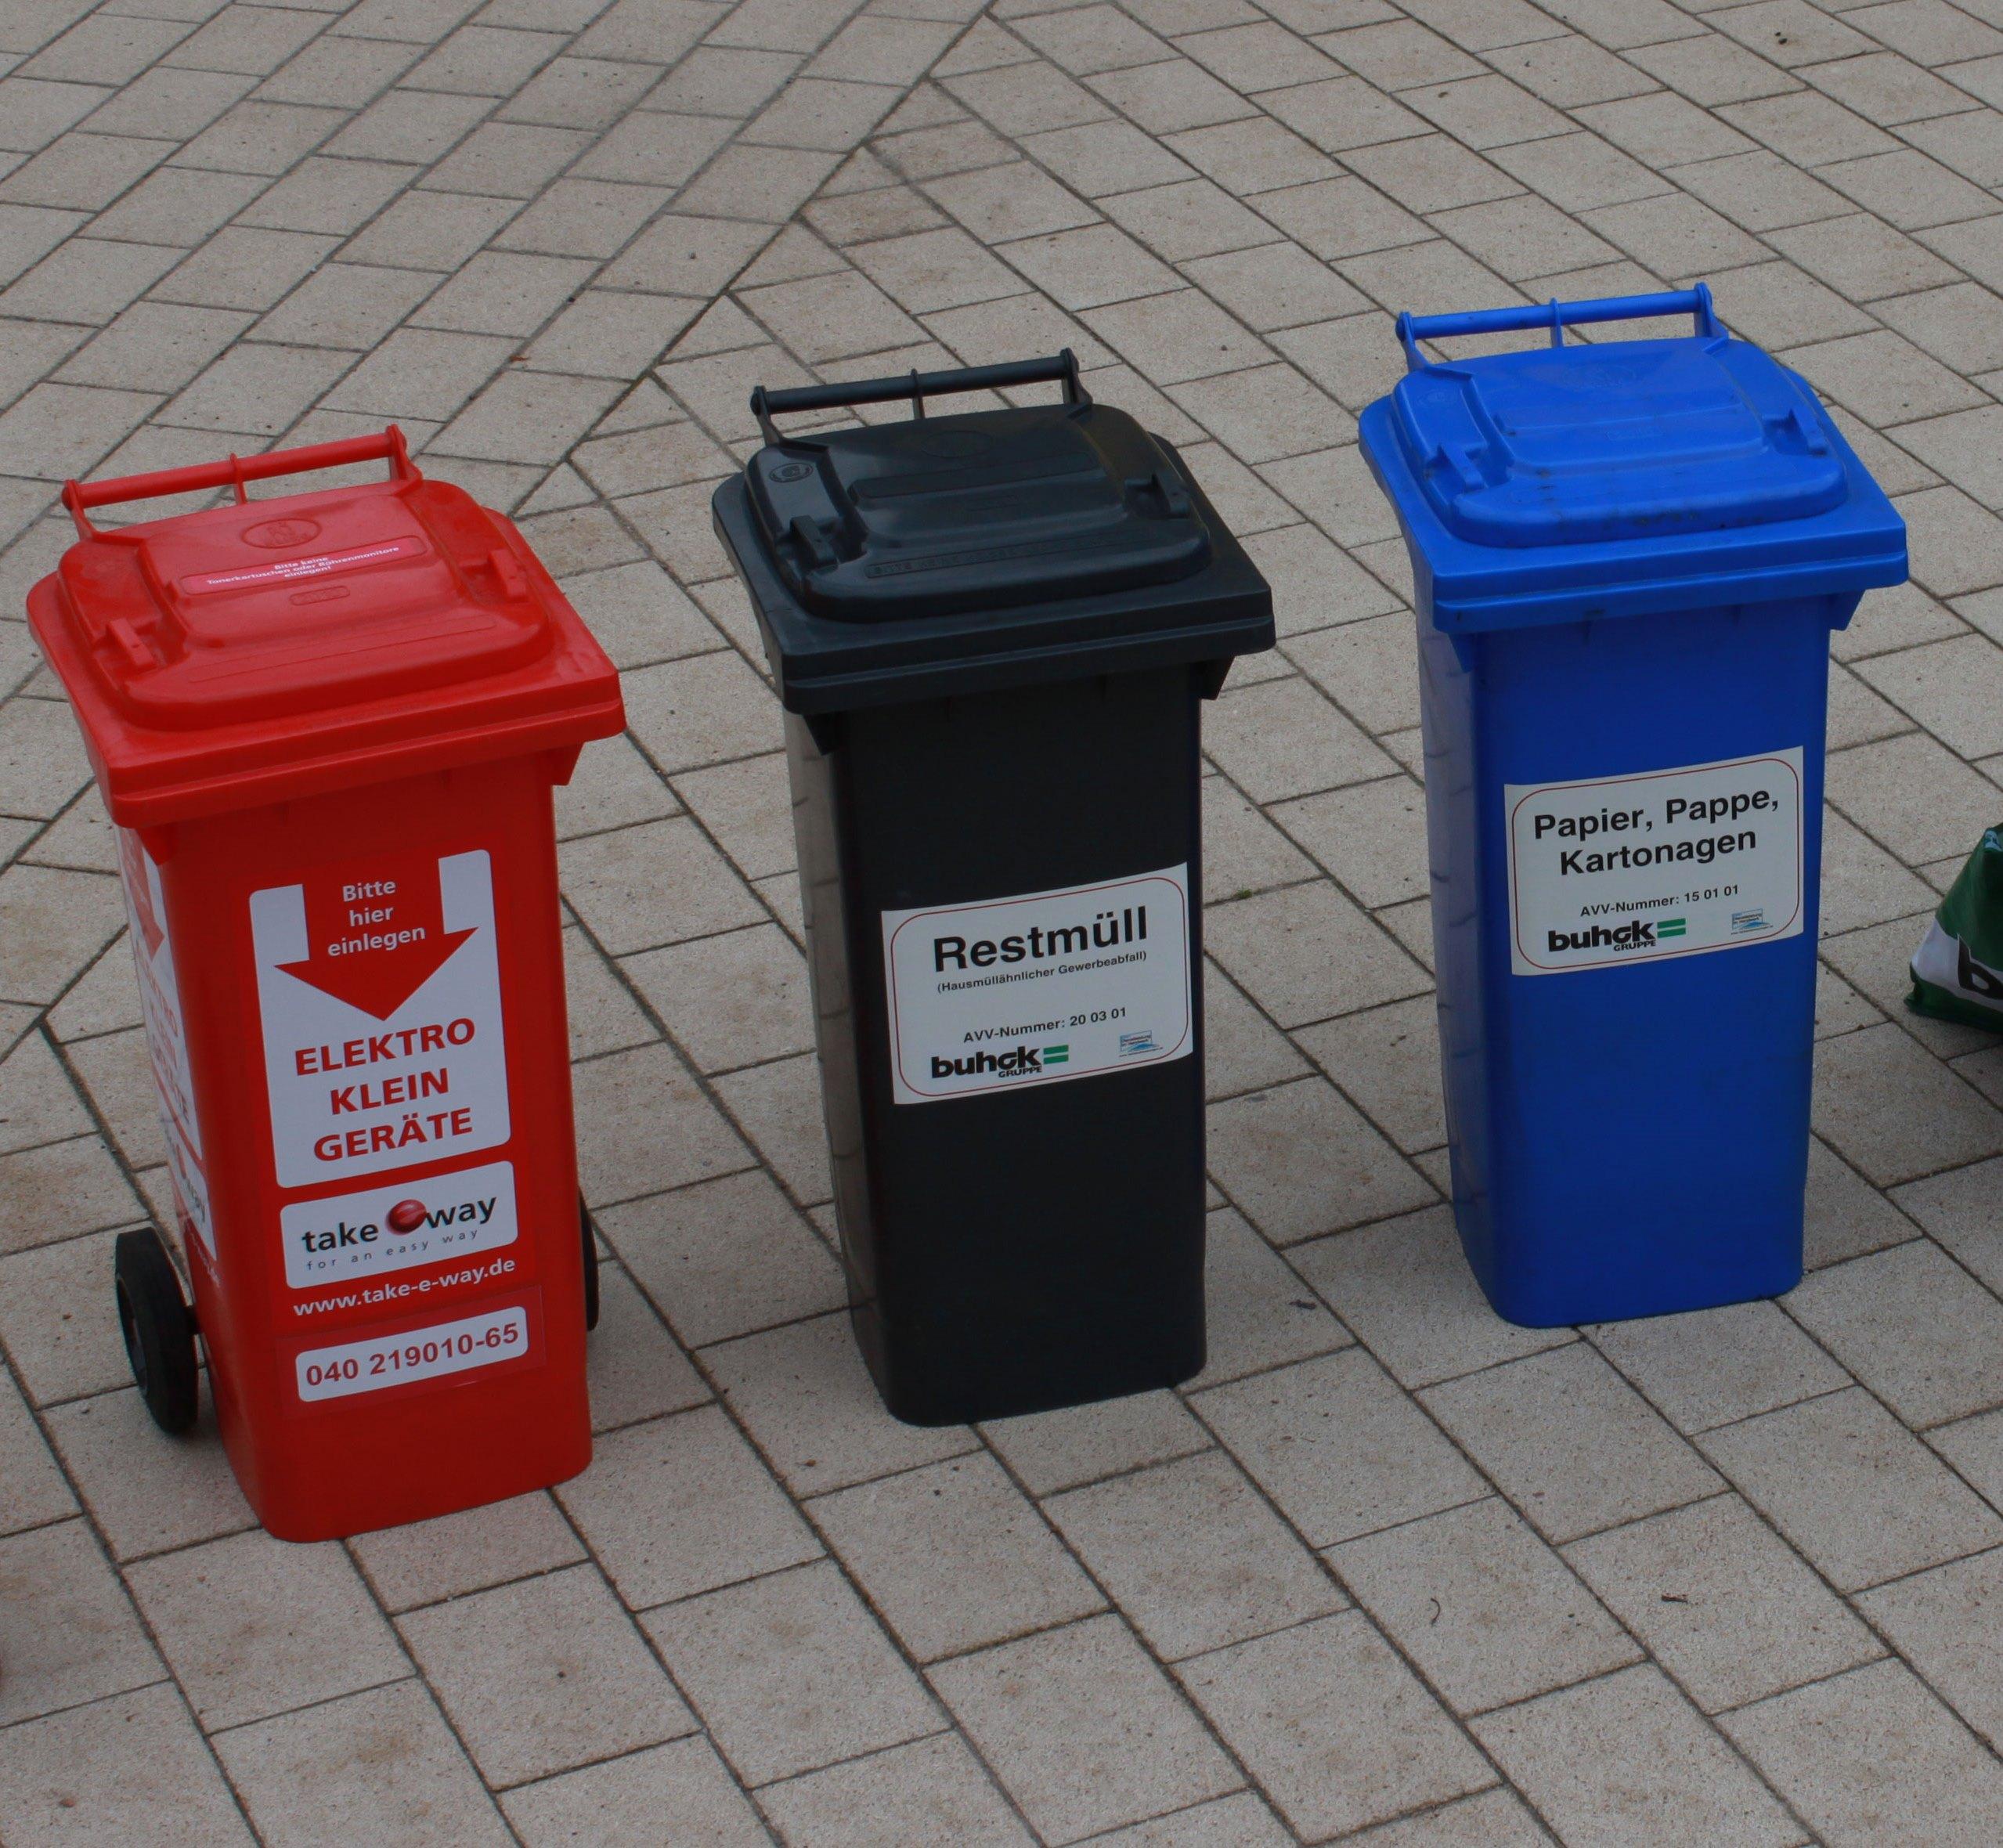 В интернете появится карта пунктов раздельного сбора мусора